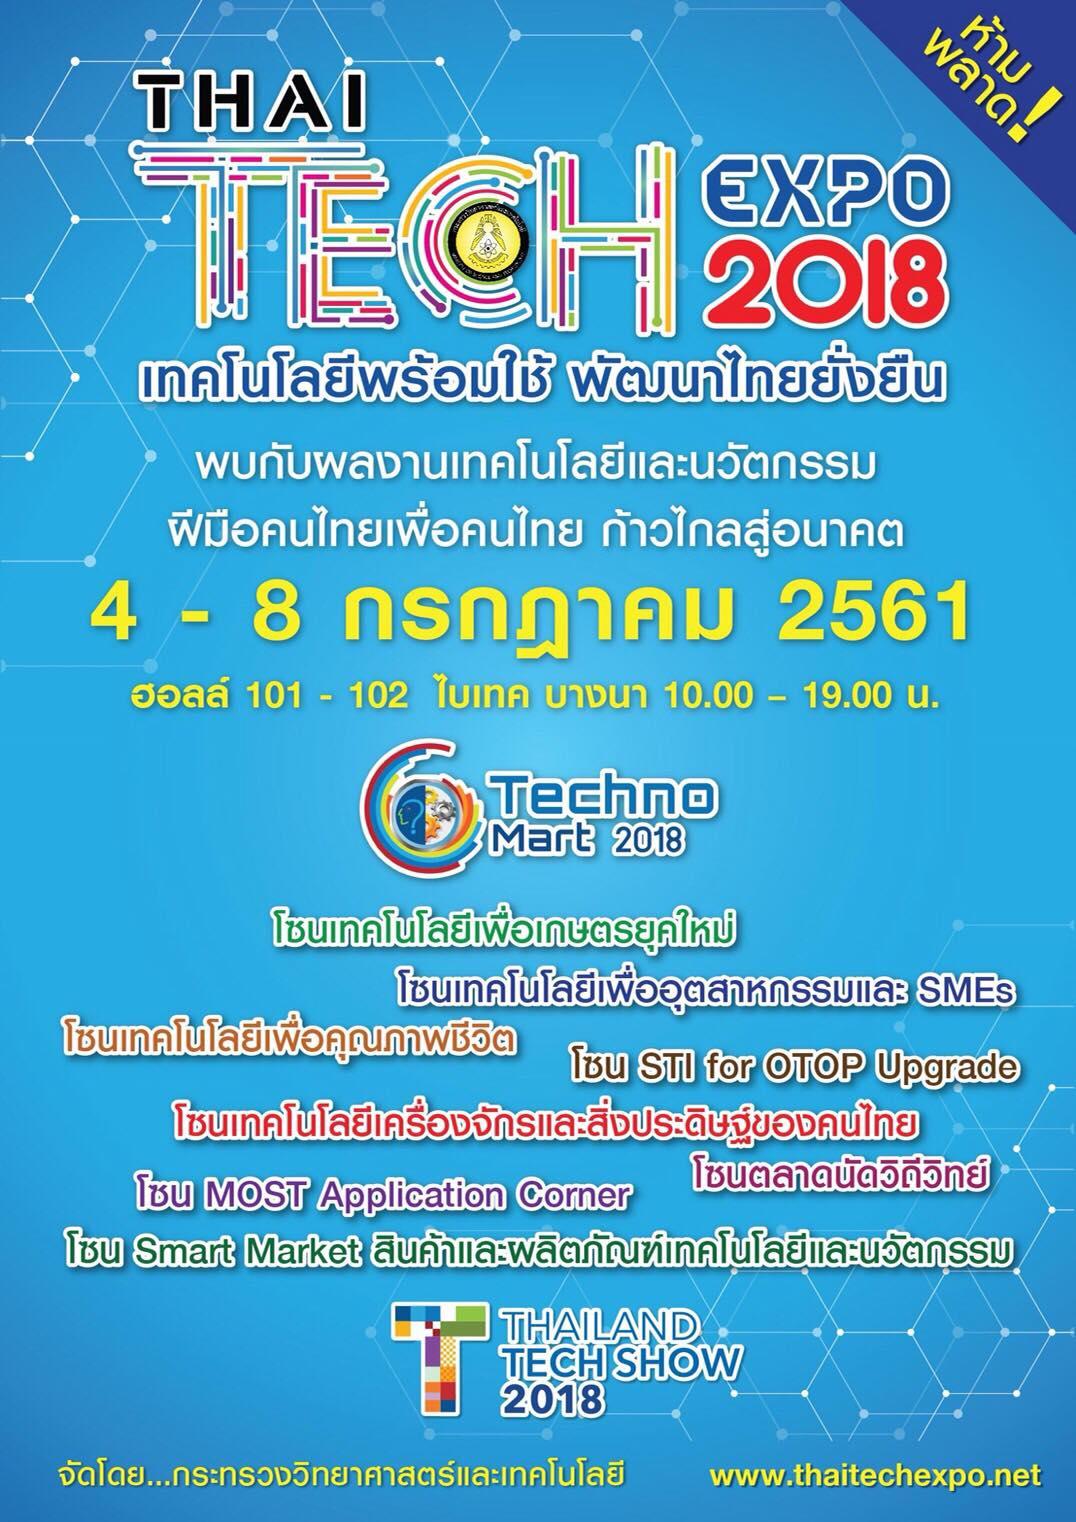 """กระทรวงวิทย์ฯ เตรียมจัดงาน """"THAI TECH EXPO 2018"""" 4-8 ก.ค. นี้ 2 -"""